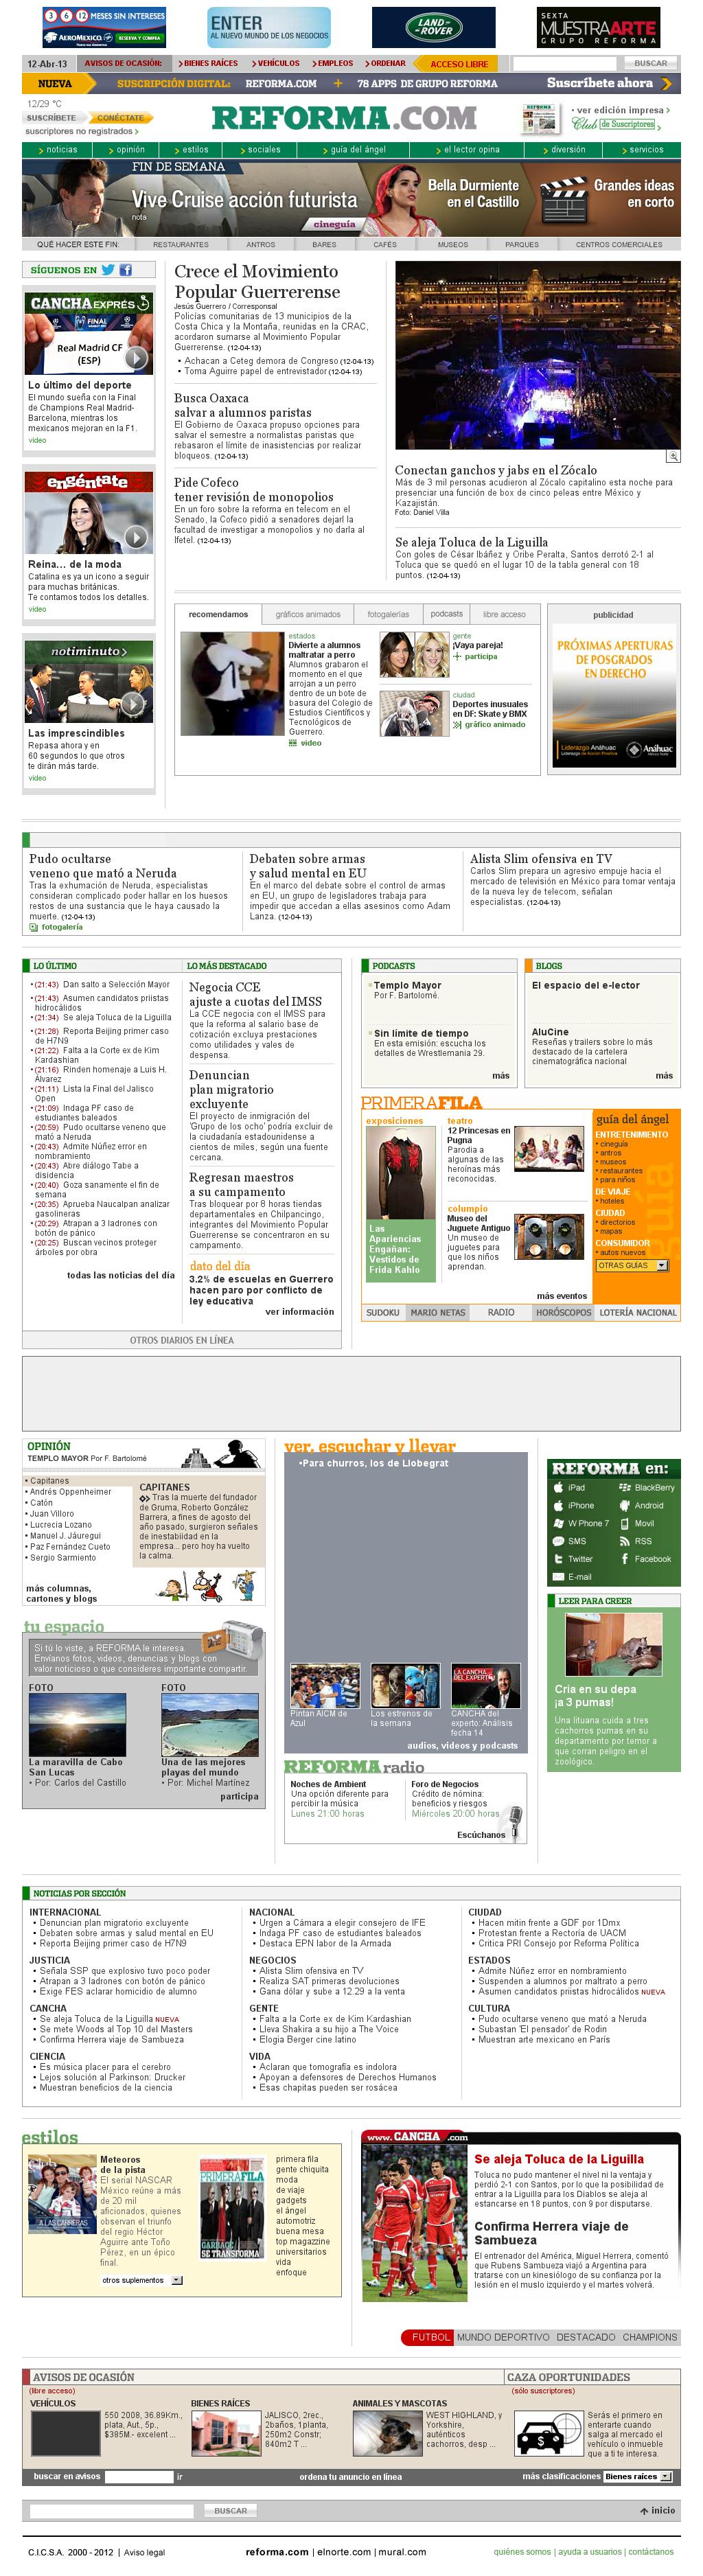 Reforma.com at Saturday April 13, 2013, 3:20 a.m. UTC